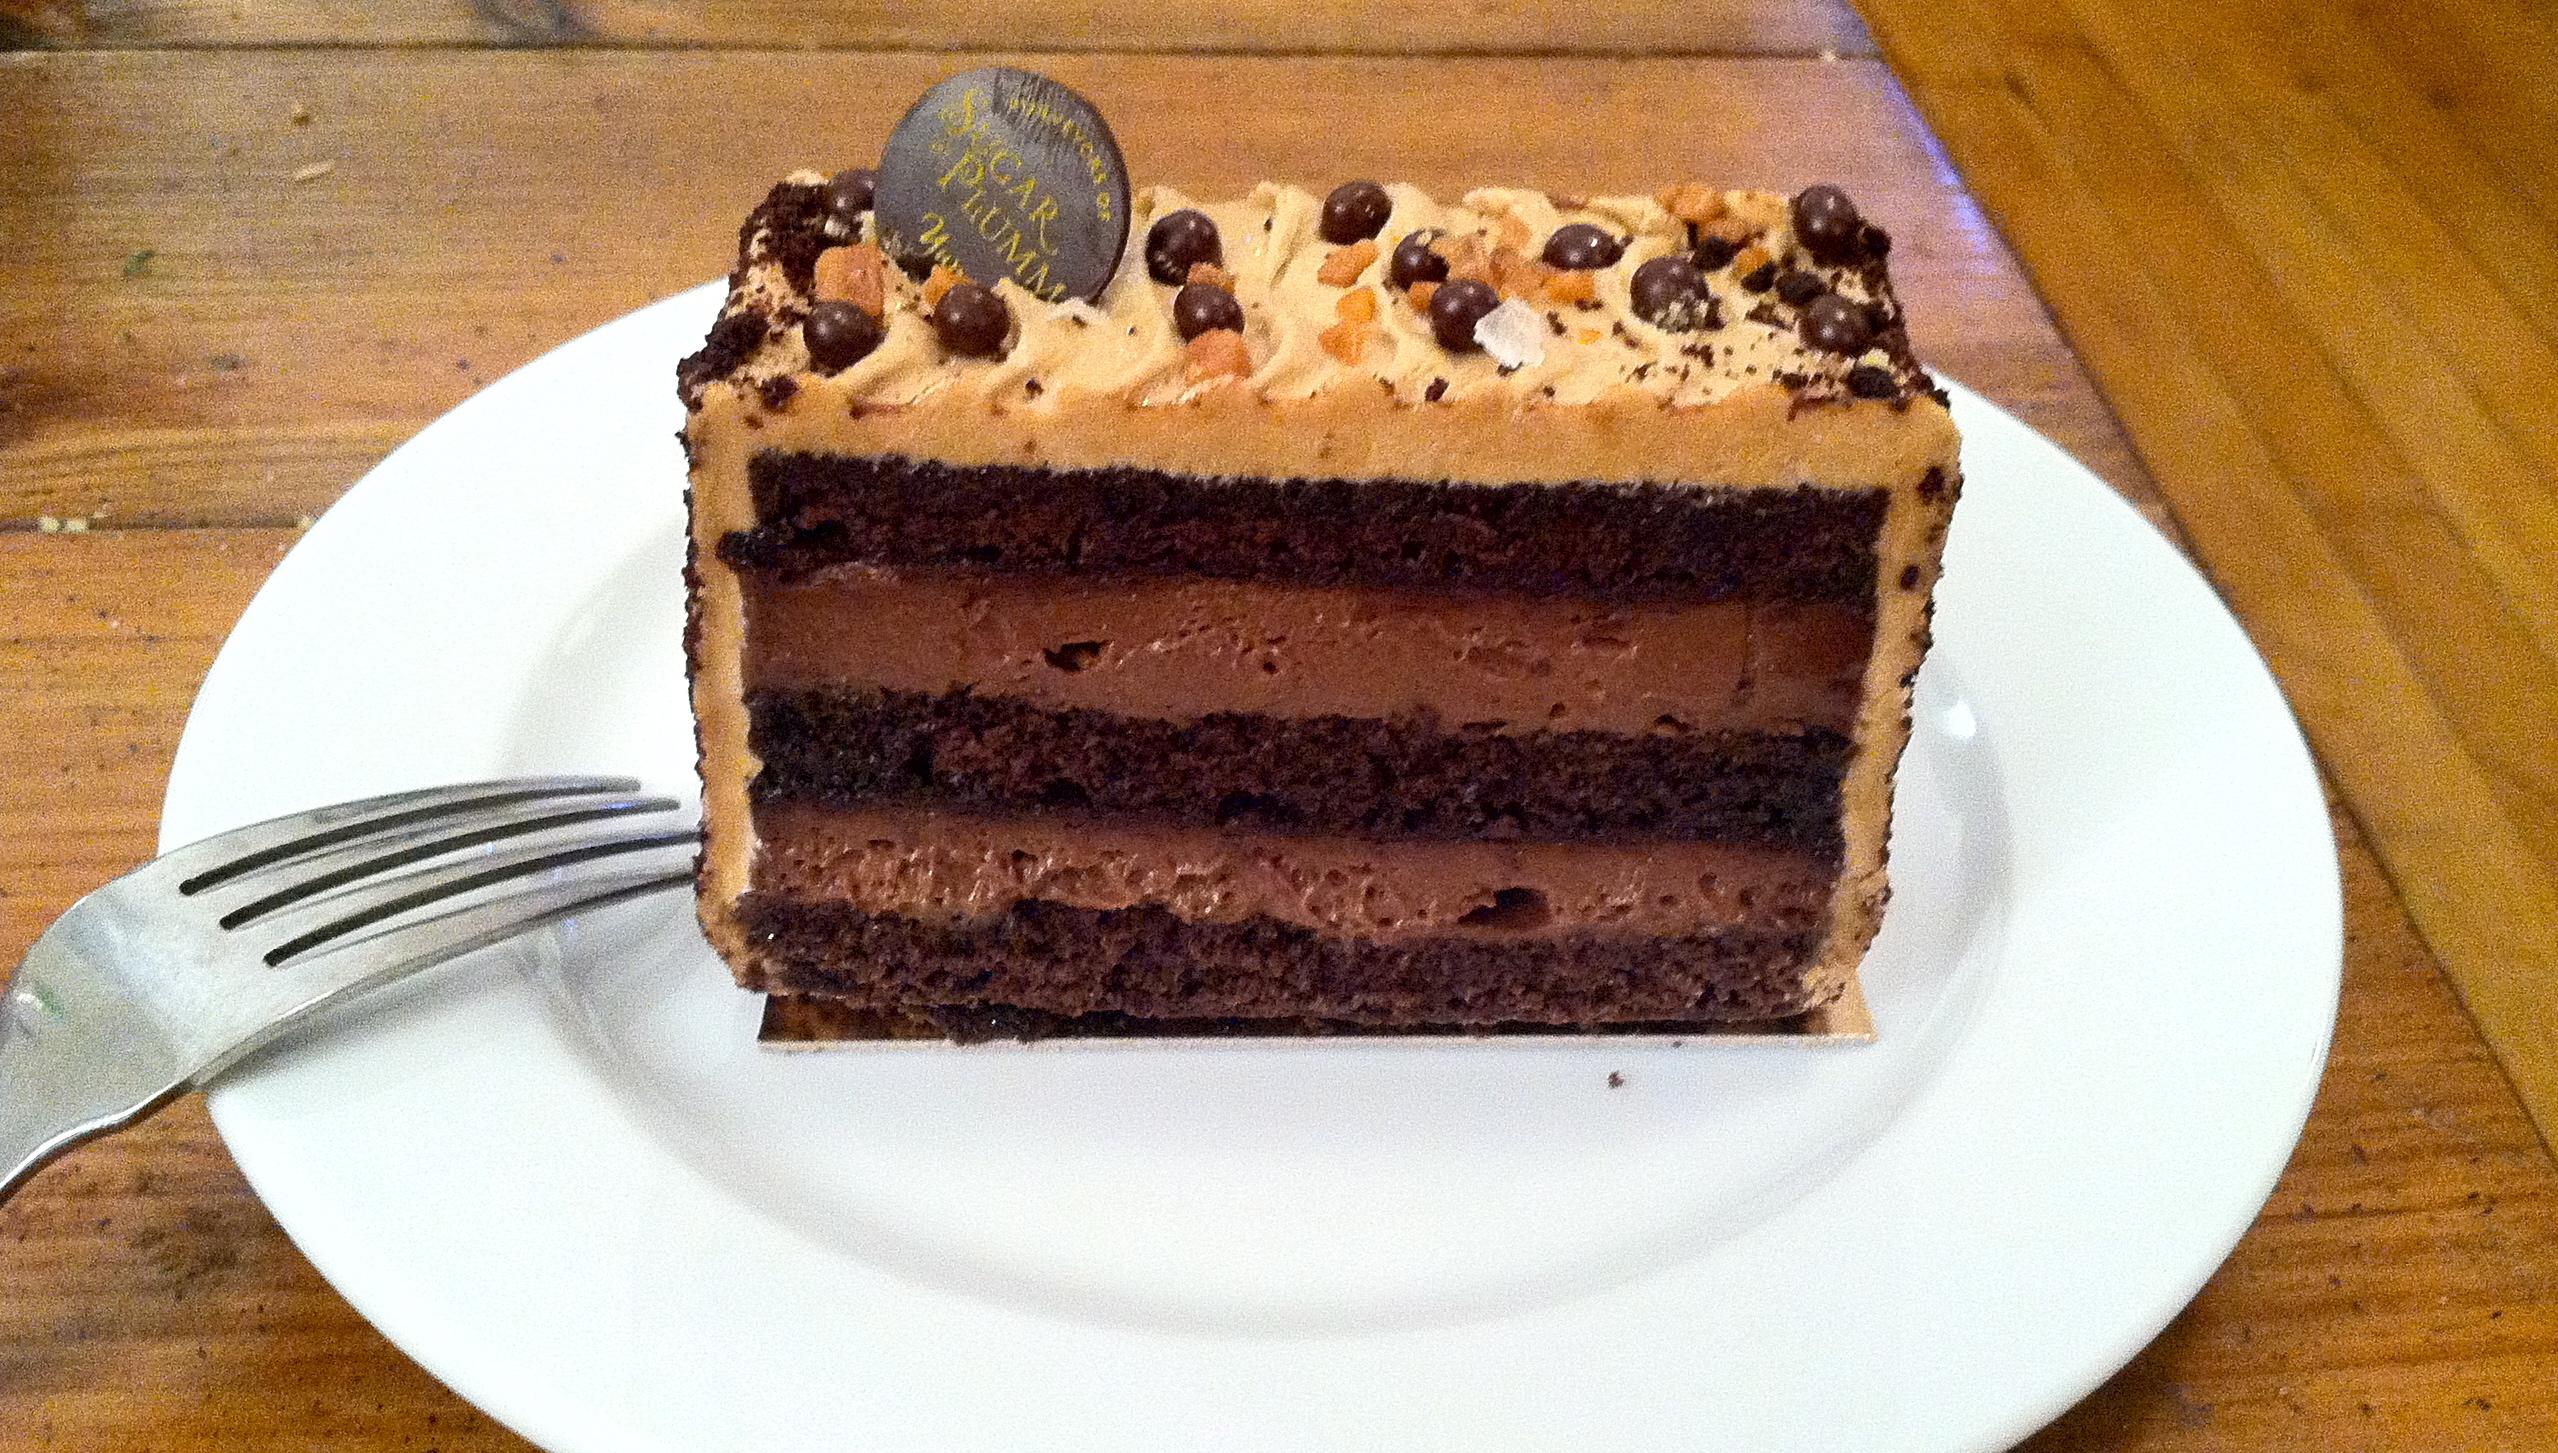 Chocolate Caramel Cake at Sugar and Plumm | The Dough-Eyed Girl